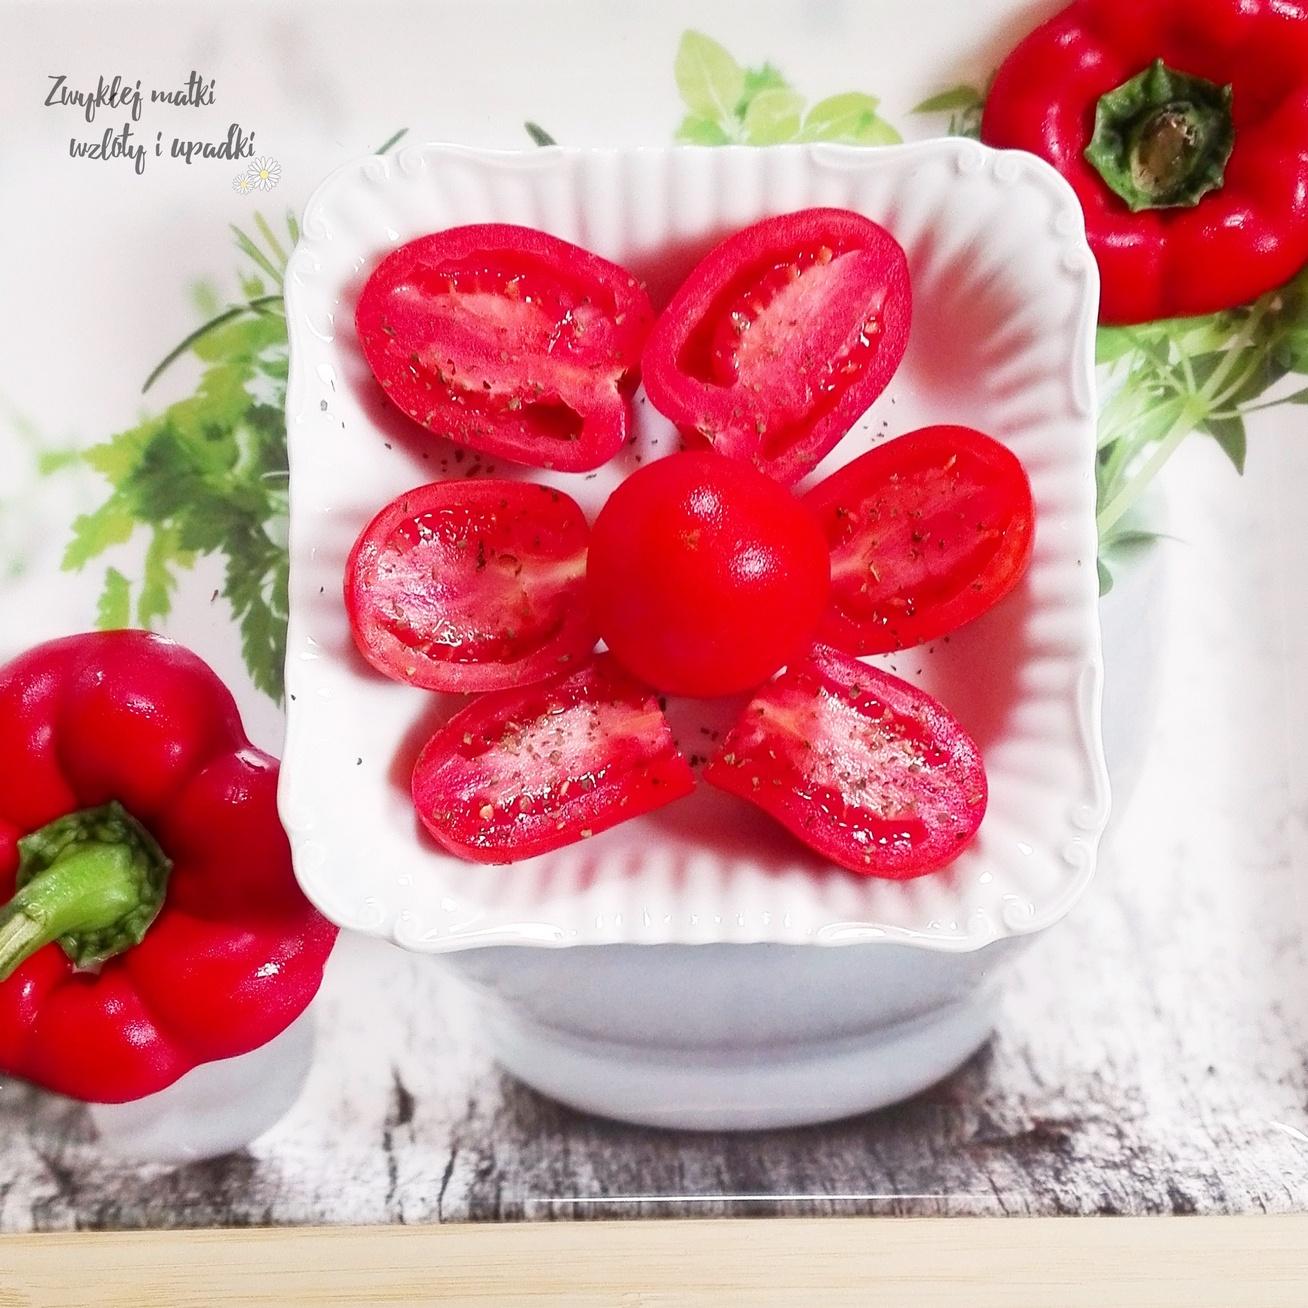 Dlaczego warto jeść pomidory? - przecier pomidorowy